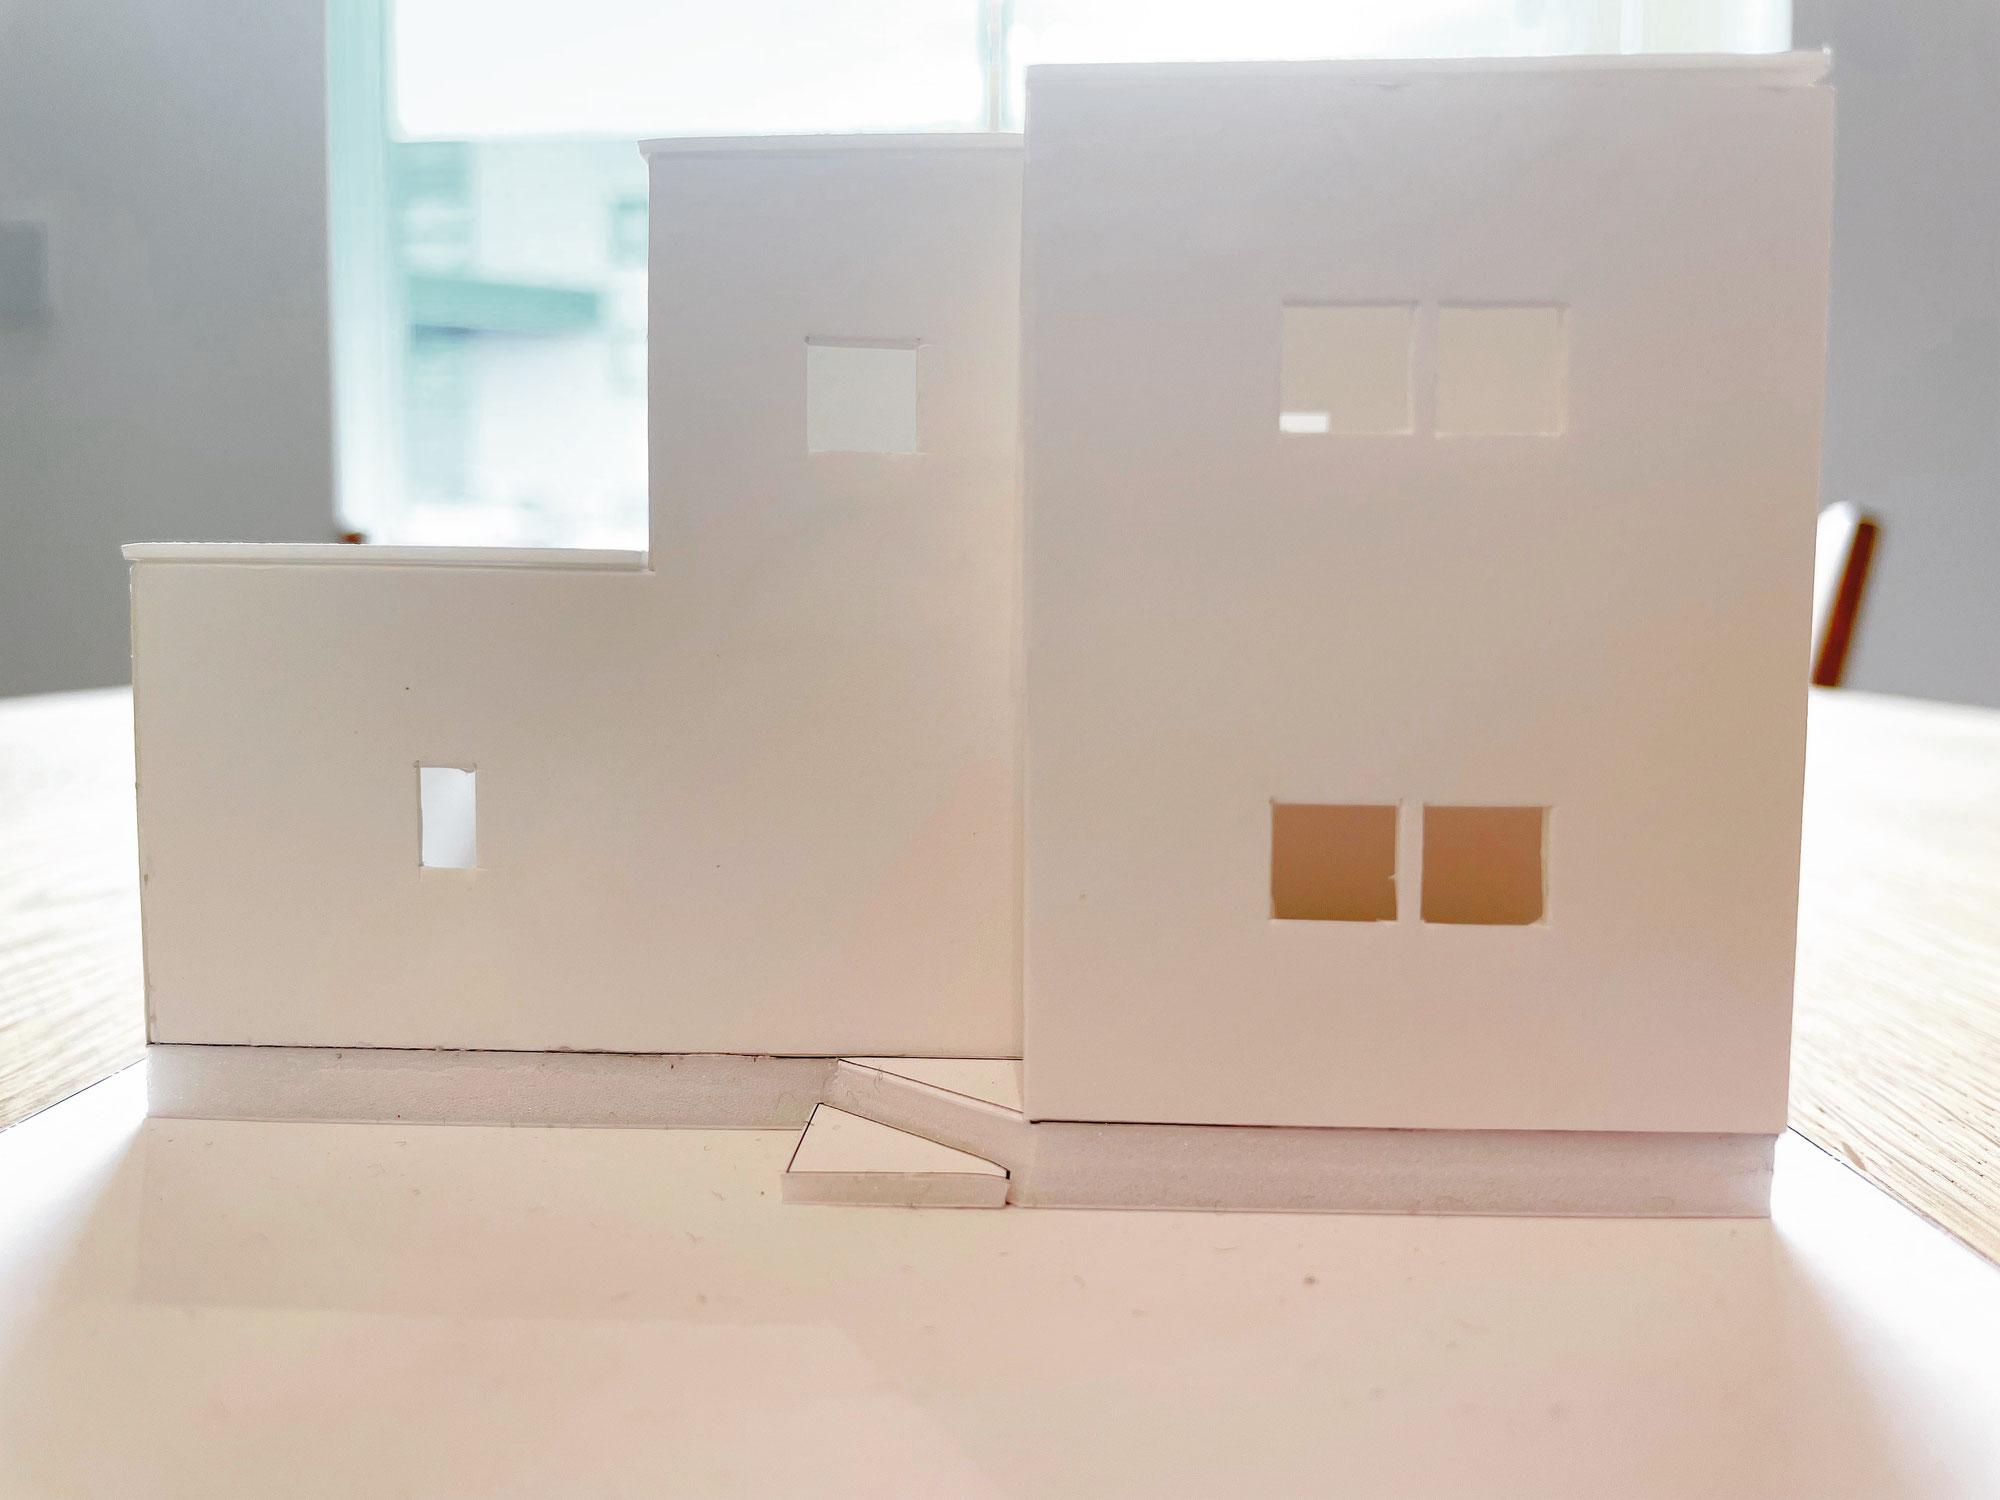 【House H】の建築契約